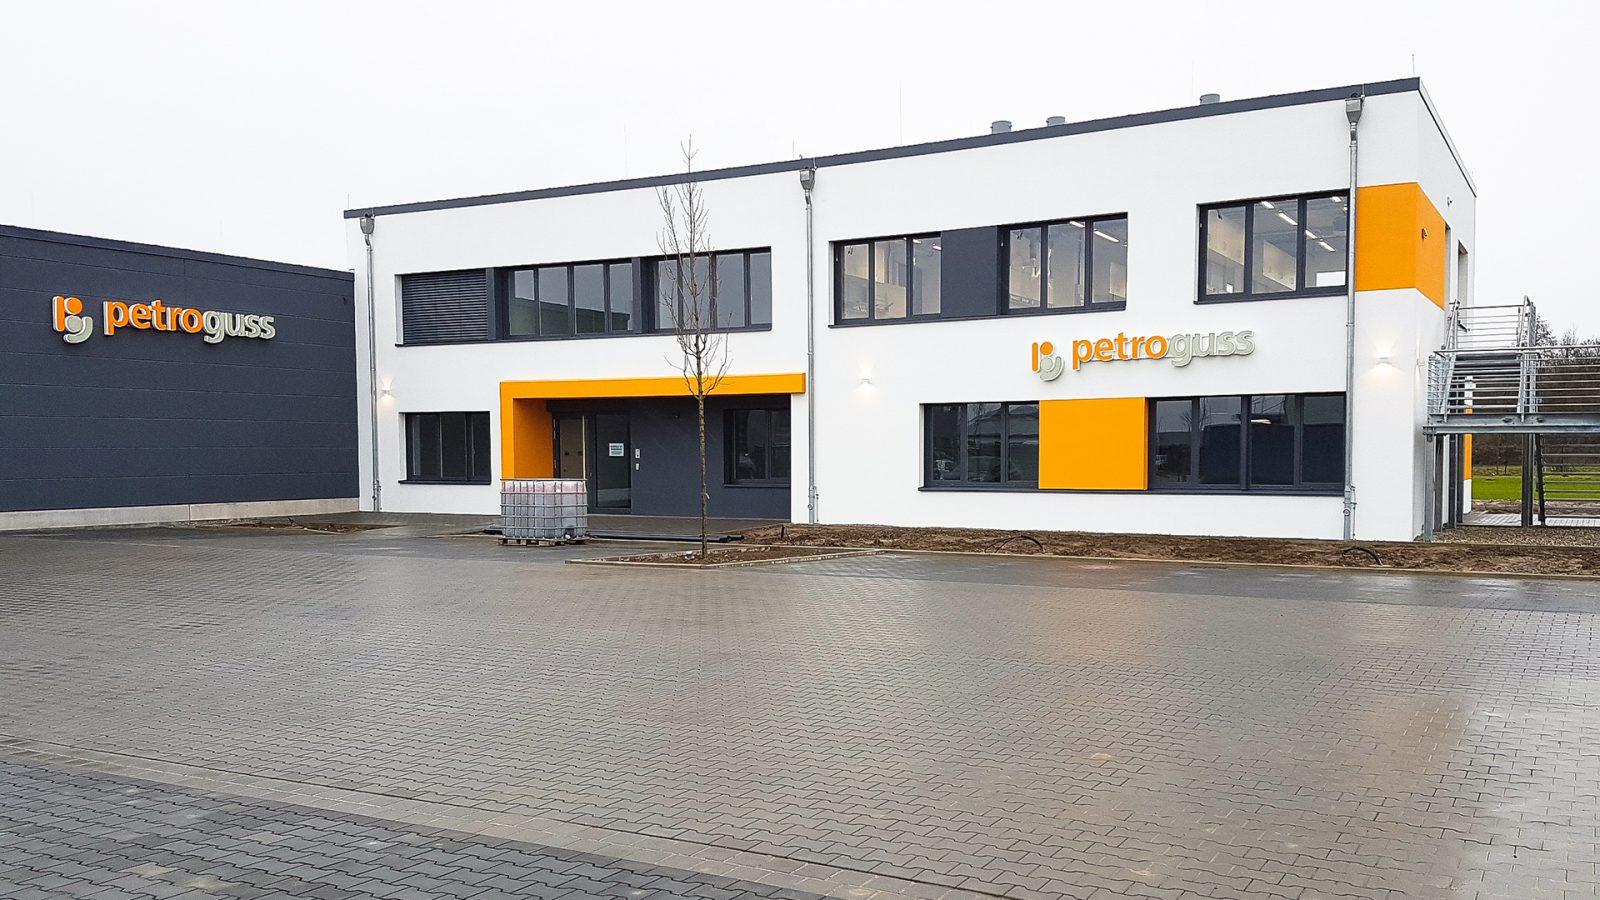 Neubau eines Verwaltungs- und Laborgebäudes mit Lagerhalle | JUNG - Architekturbüro, Innenarchitekturbüro Hildesheim